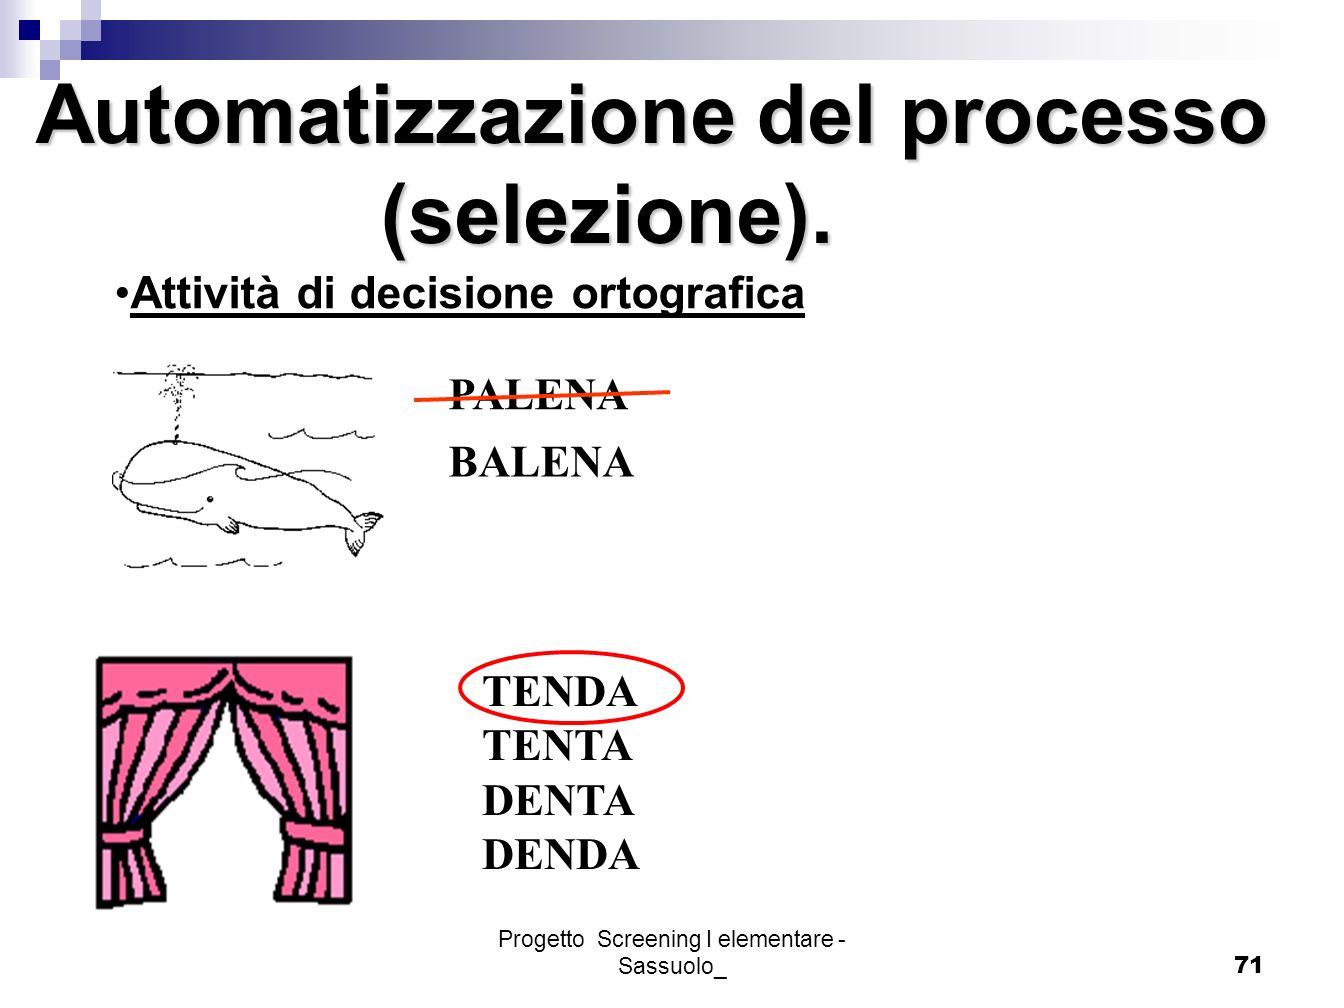 Progetto Screening I elementare - Sassuolo_71 Automatizzazione del processo (selezione). (selezione). PALENA BALENA Attività di decisione ortografica